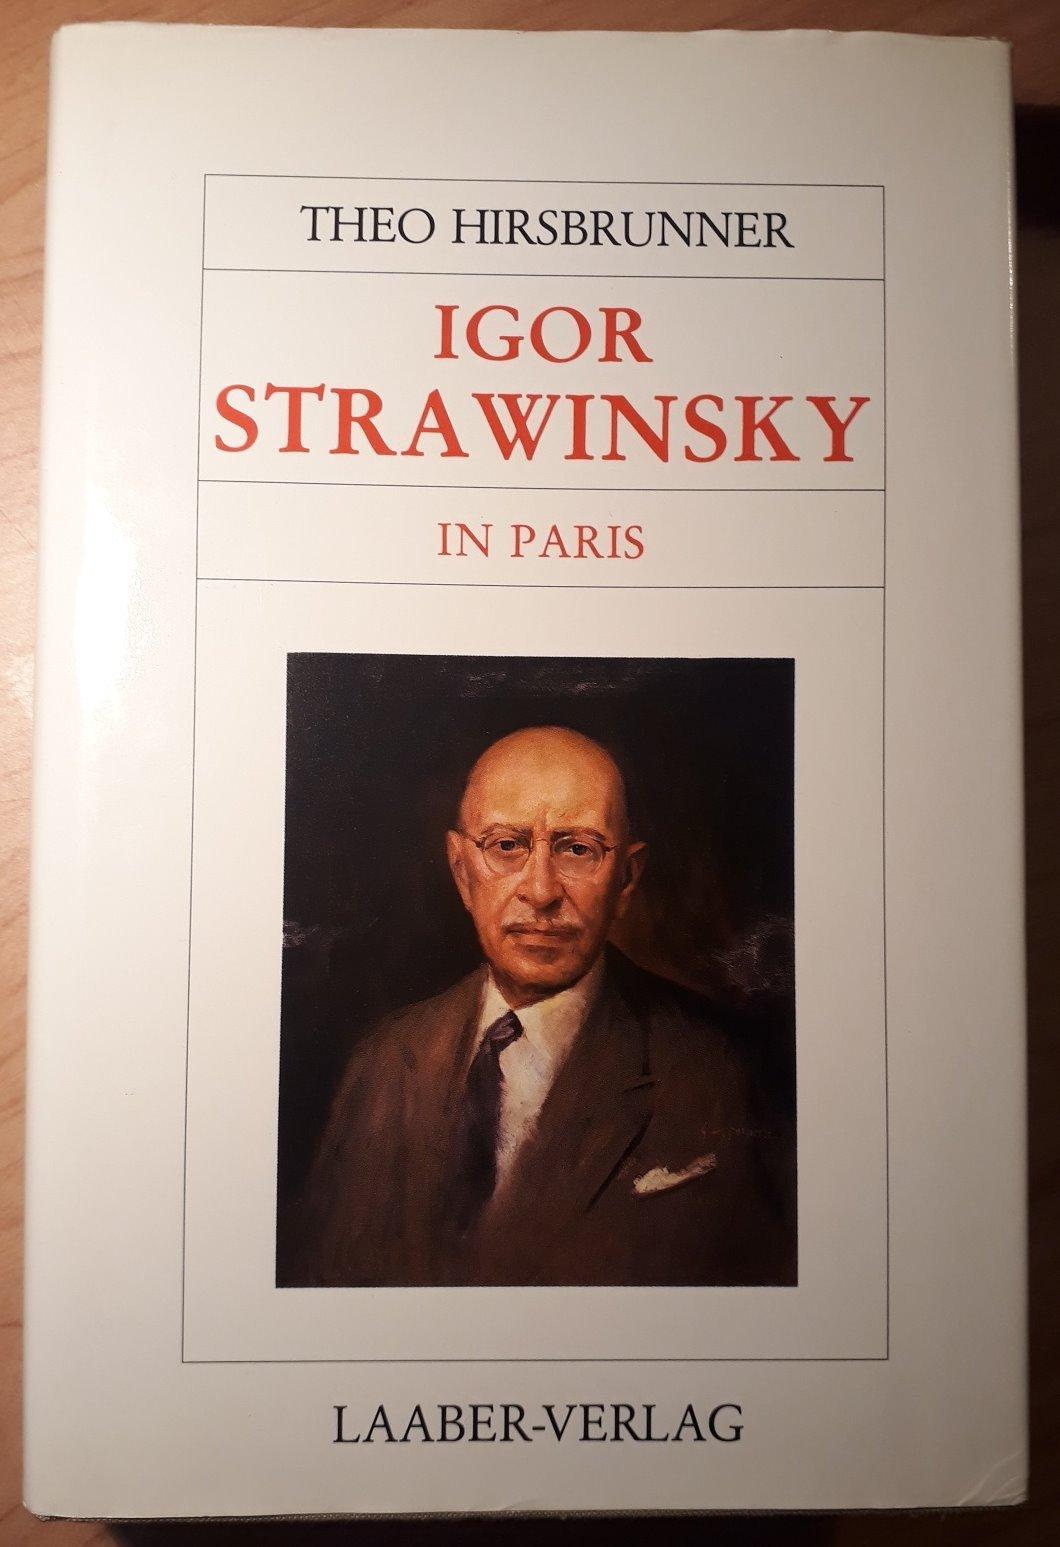 Große Komponisten und ihre Zeit, 25 Bde., Igor Strawinsky in Paris